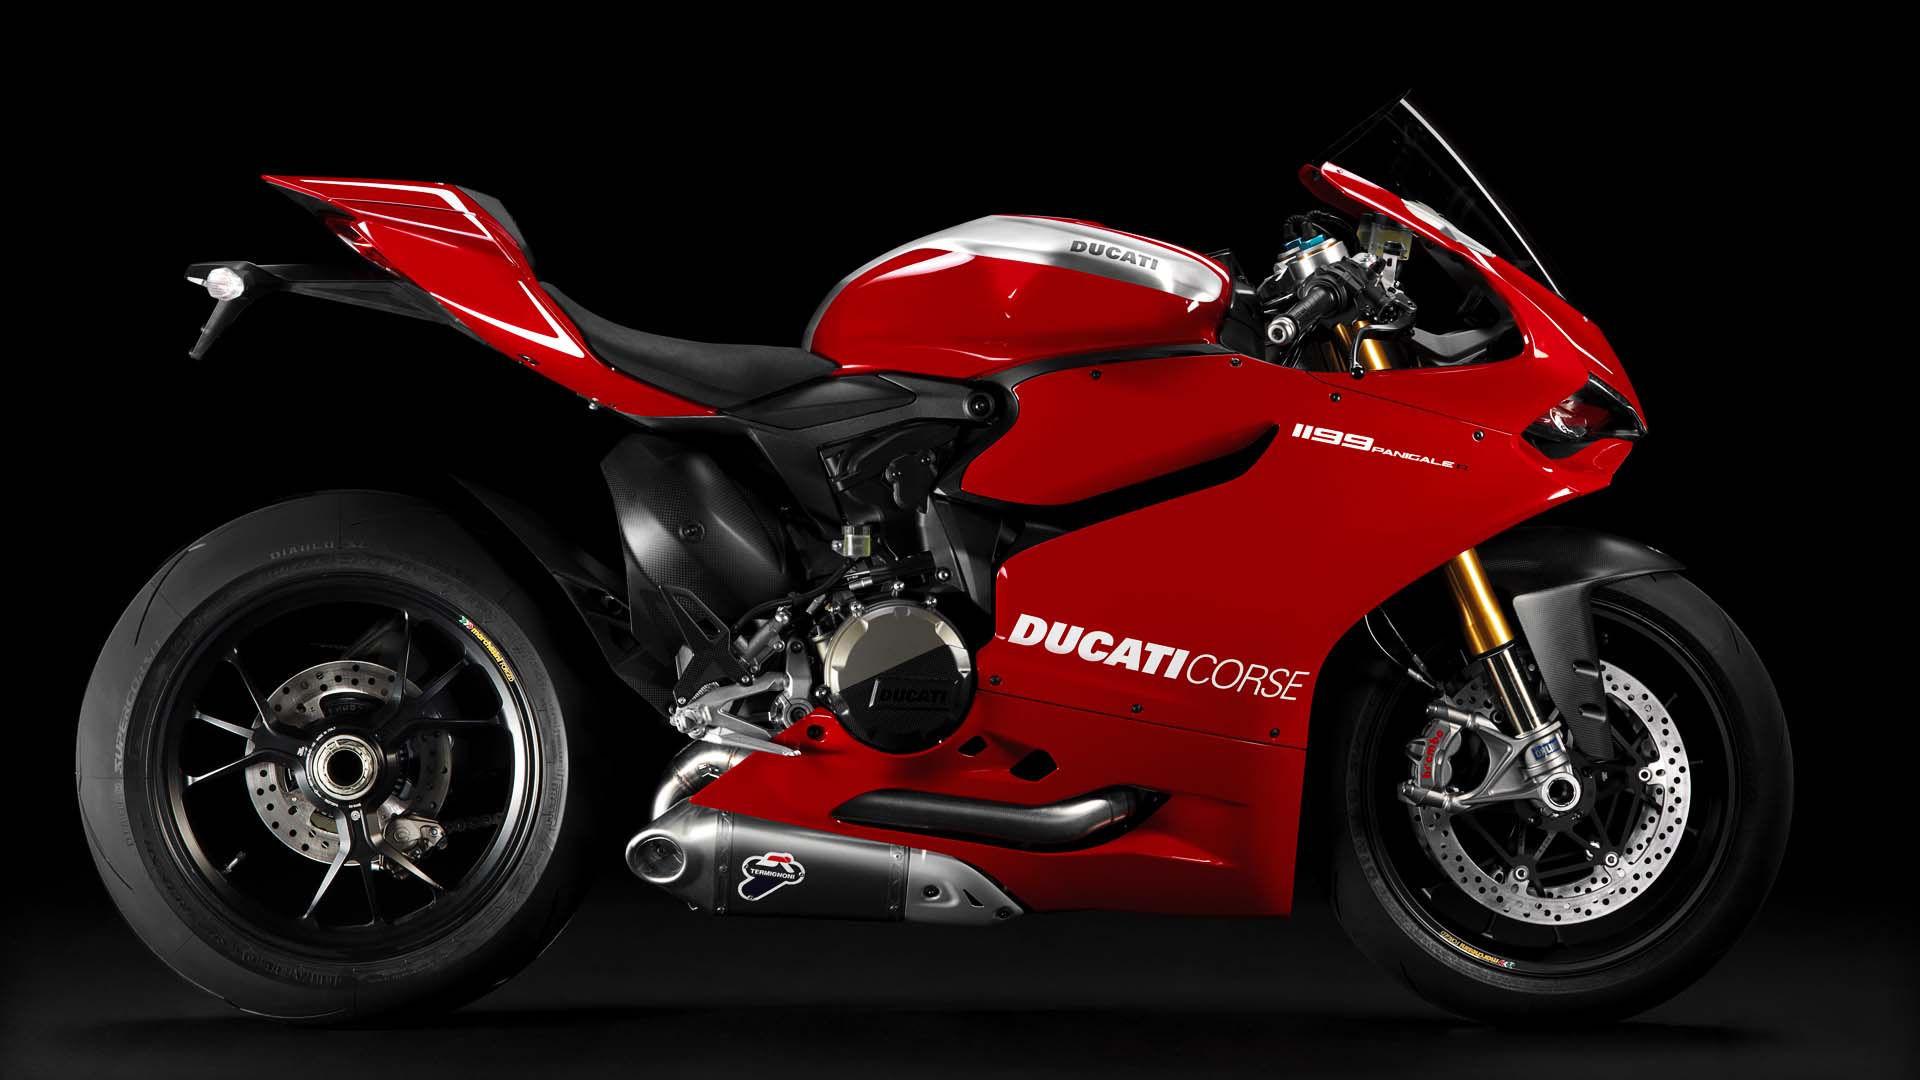 2014 Ducati  | Ducati 1199 Panigale R - Right Side